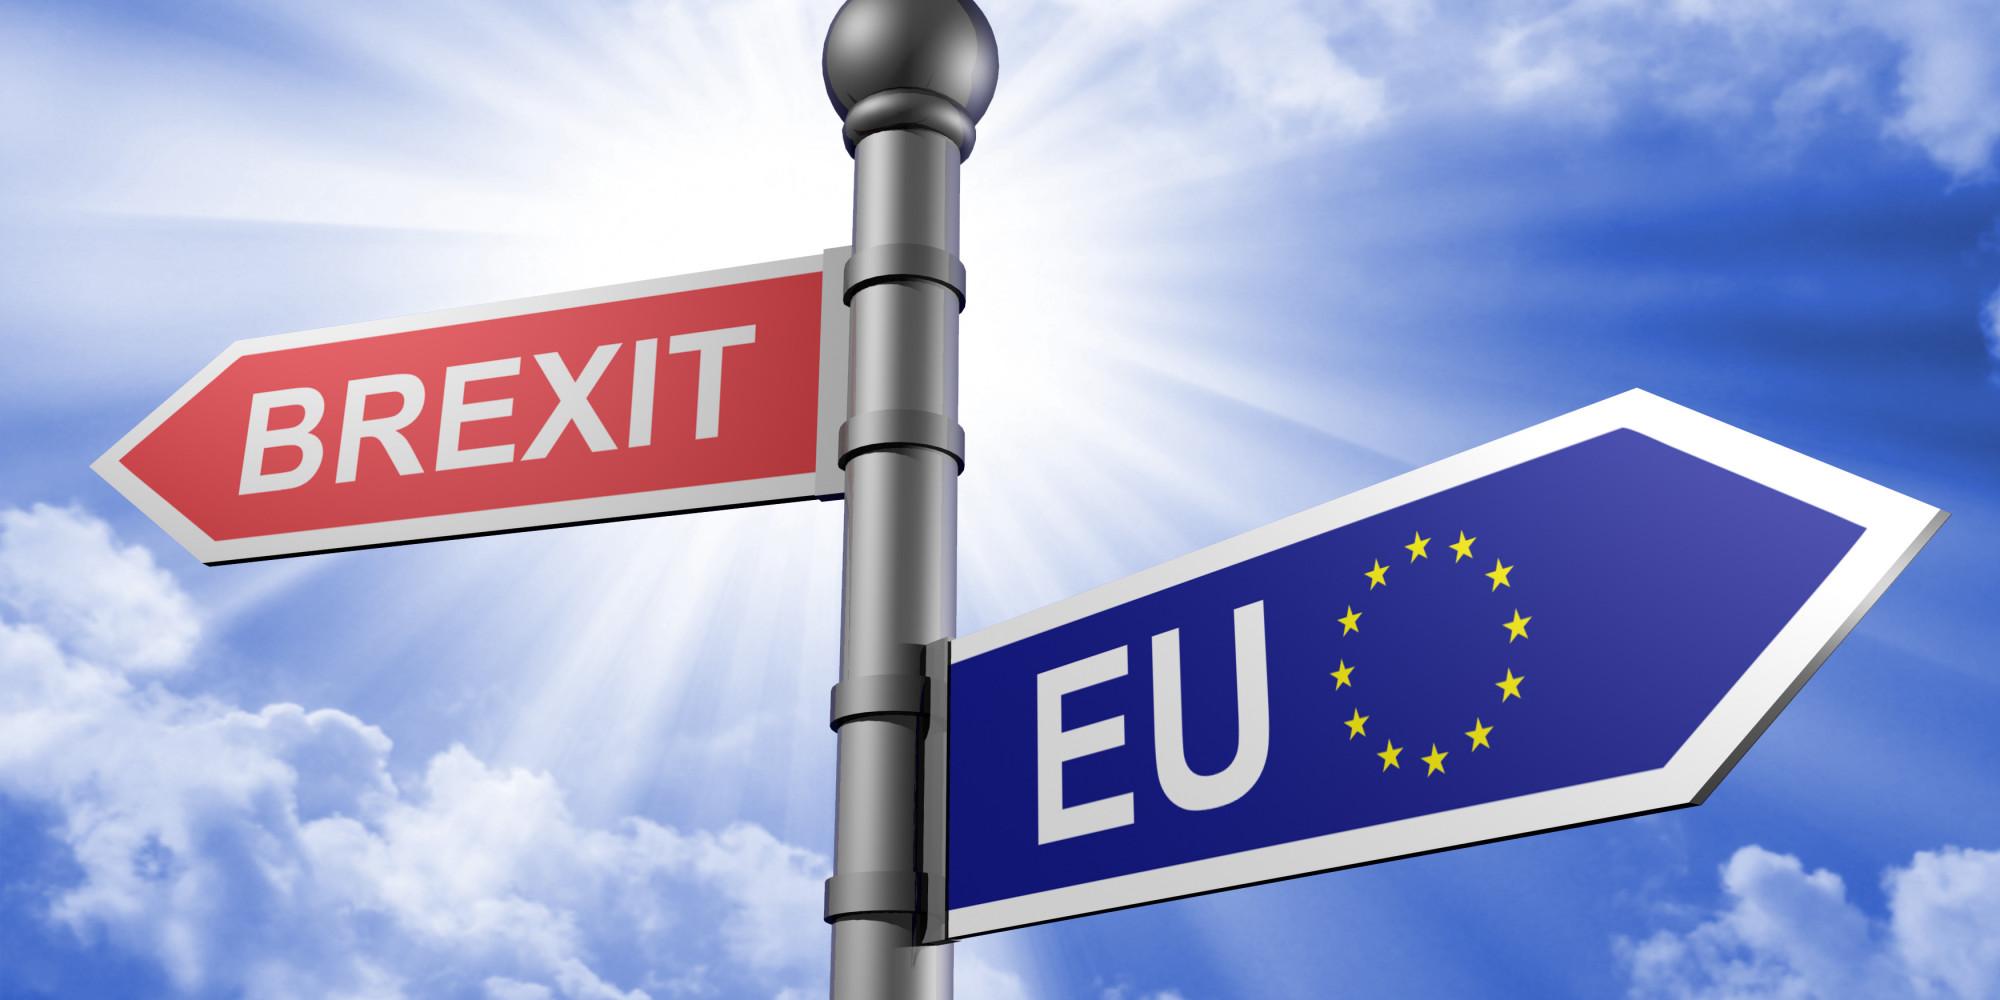 El Brexit No Sólo Es Posible, Es Necesario